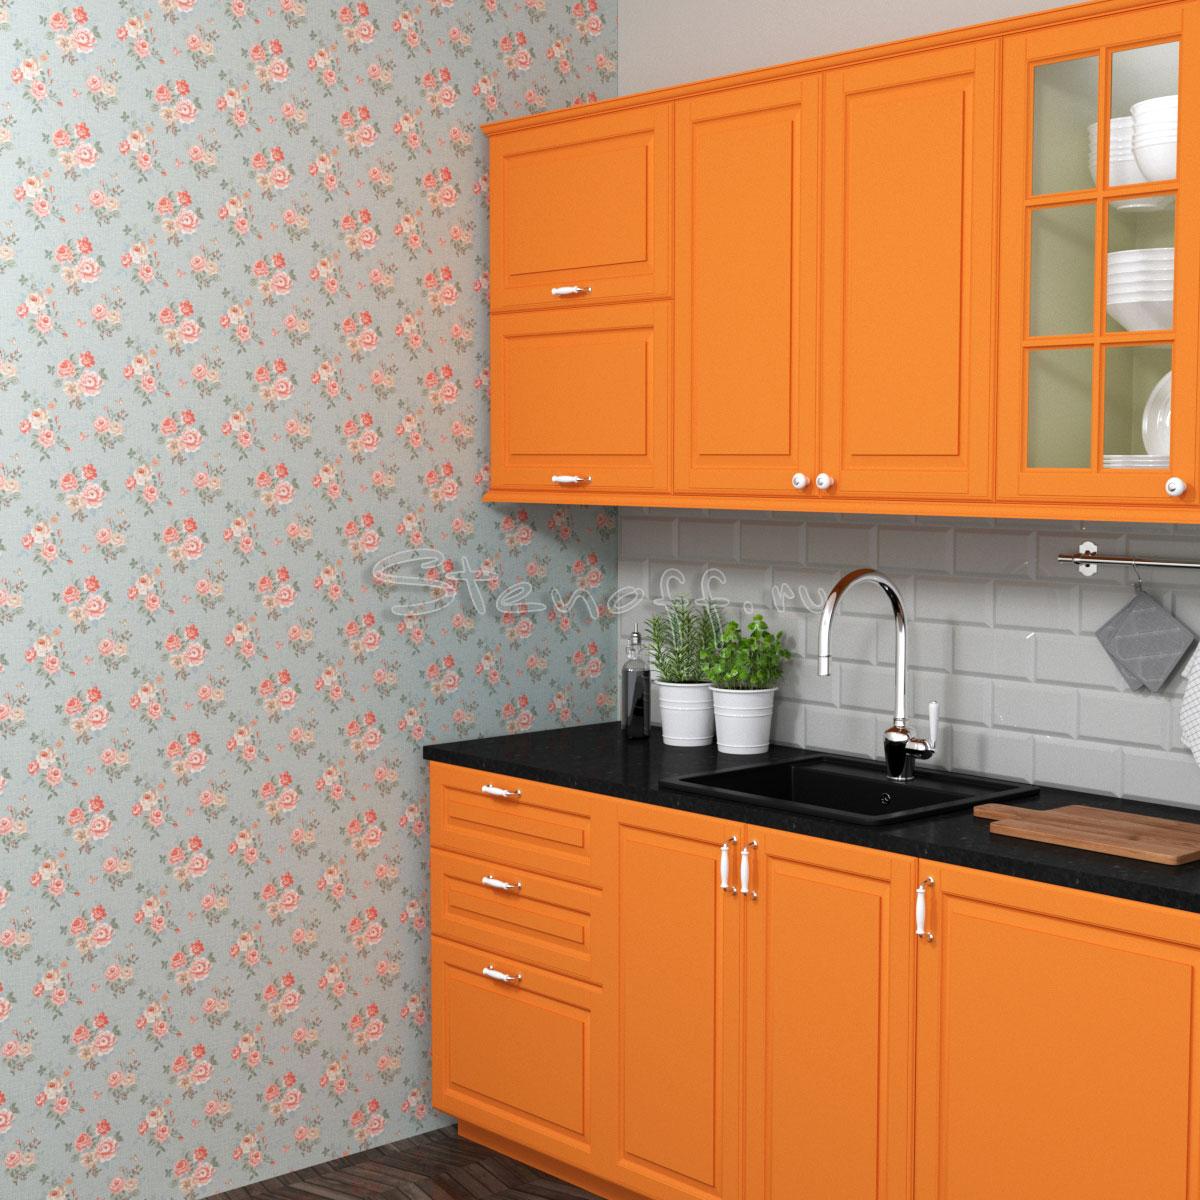 Оранжевая кухня и обои в стиле прованс